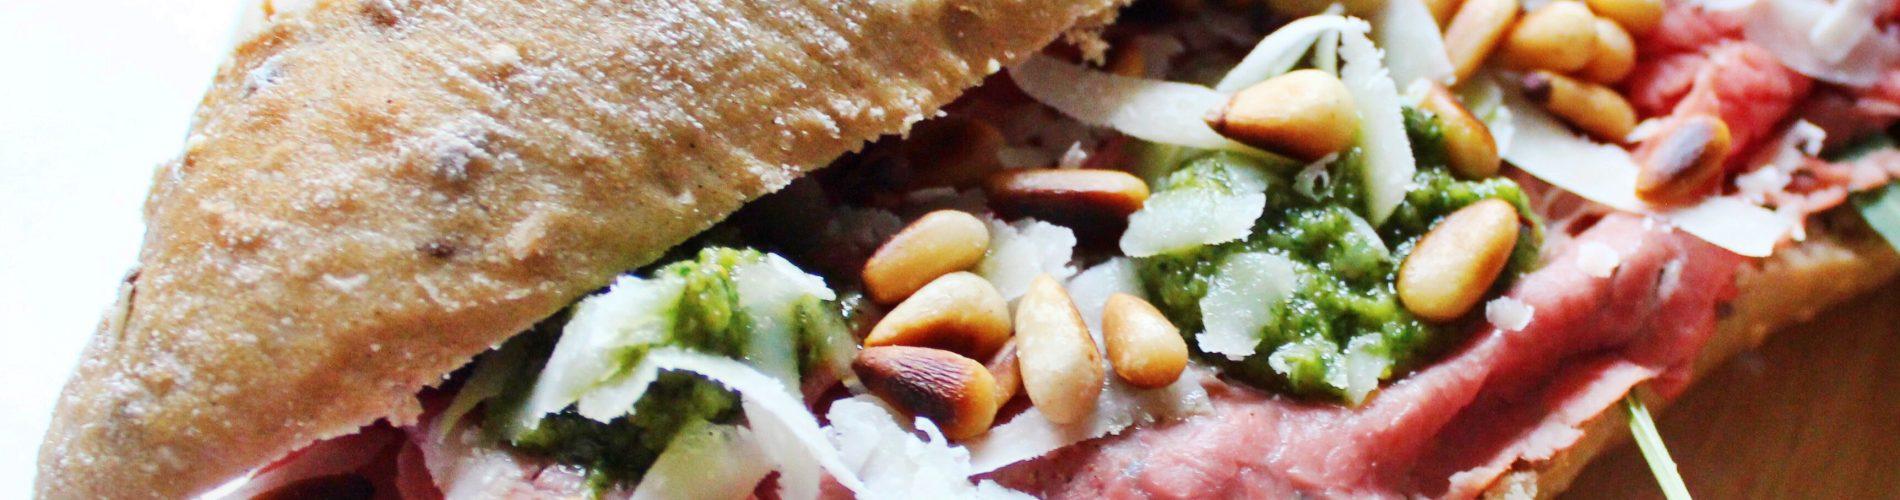 Brood | stokbroodje rosbief